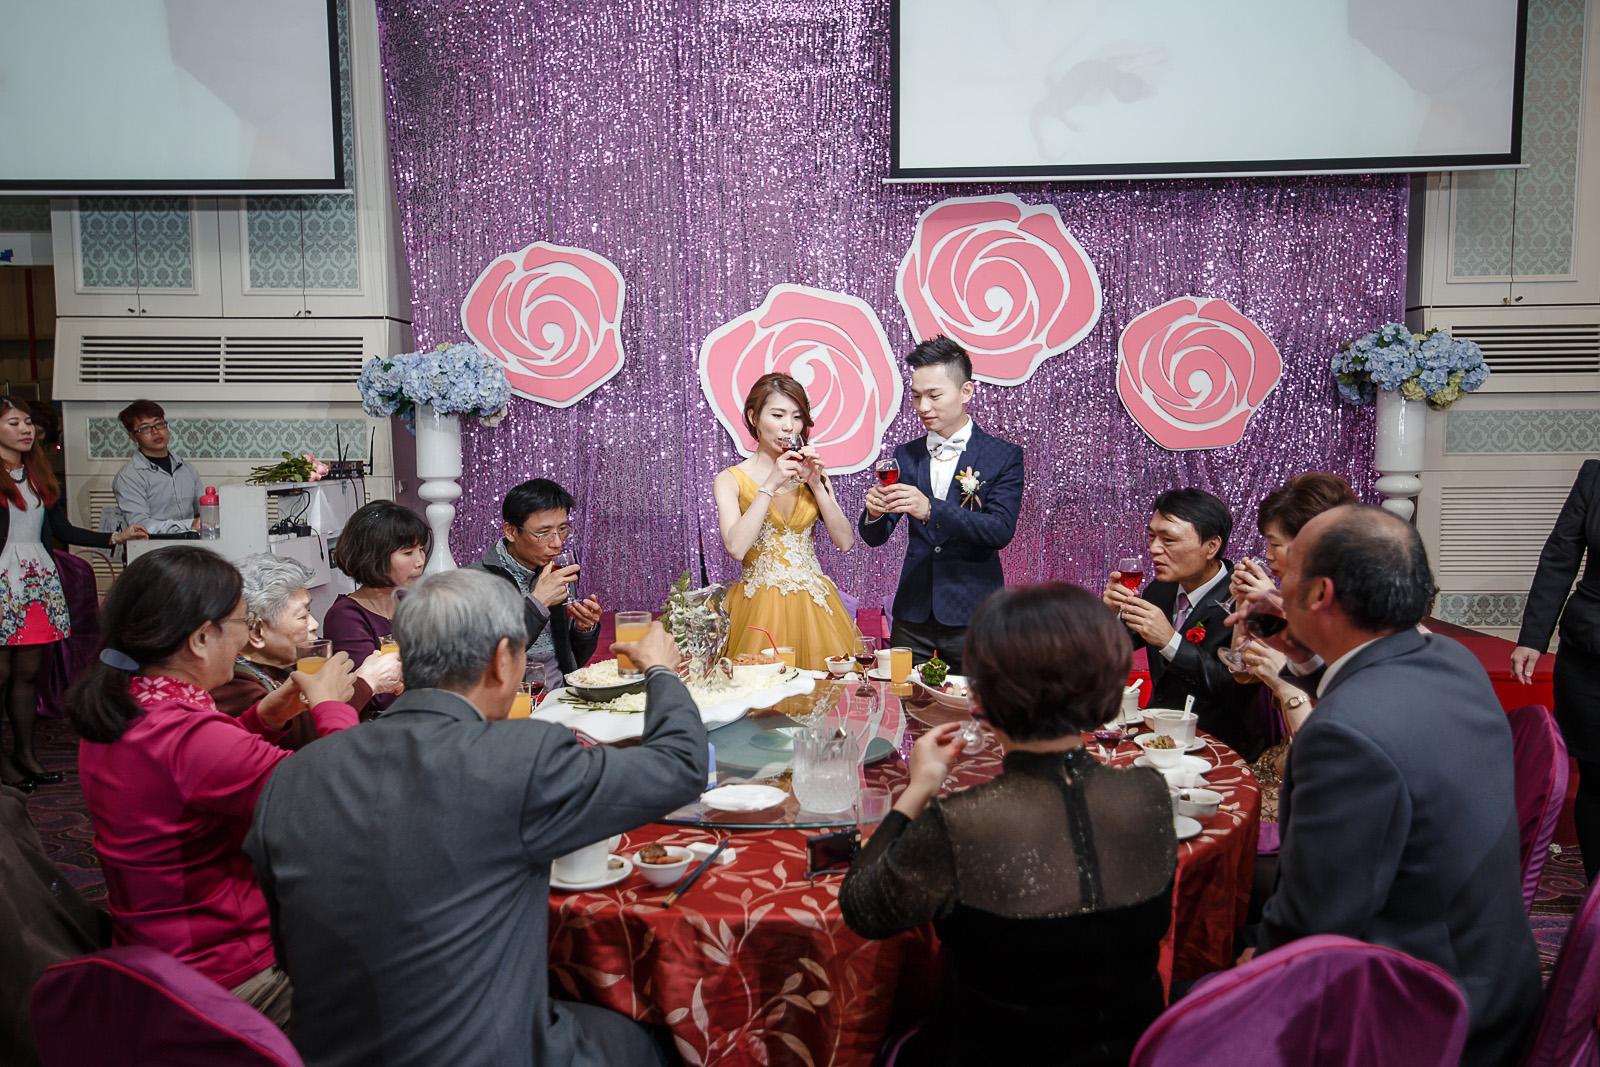 高雄圓山飯店,婚禮攝影,婚攝,高雄婚攝,優質婚攝推薦,Jen&Ethan-311